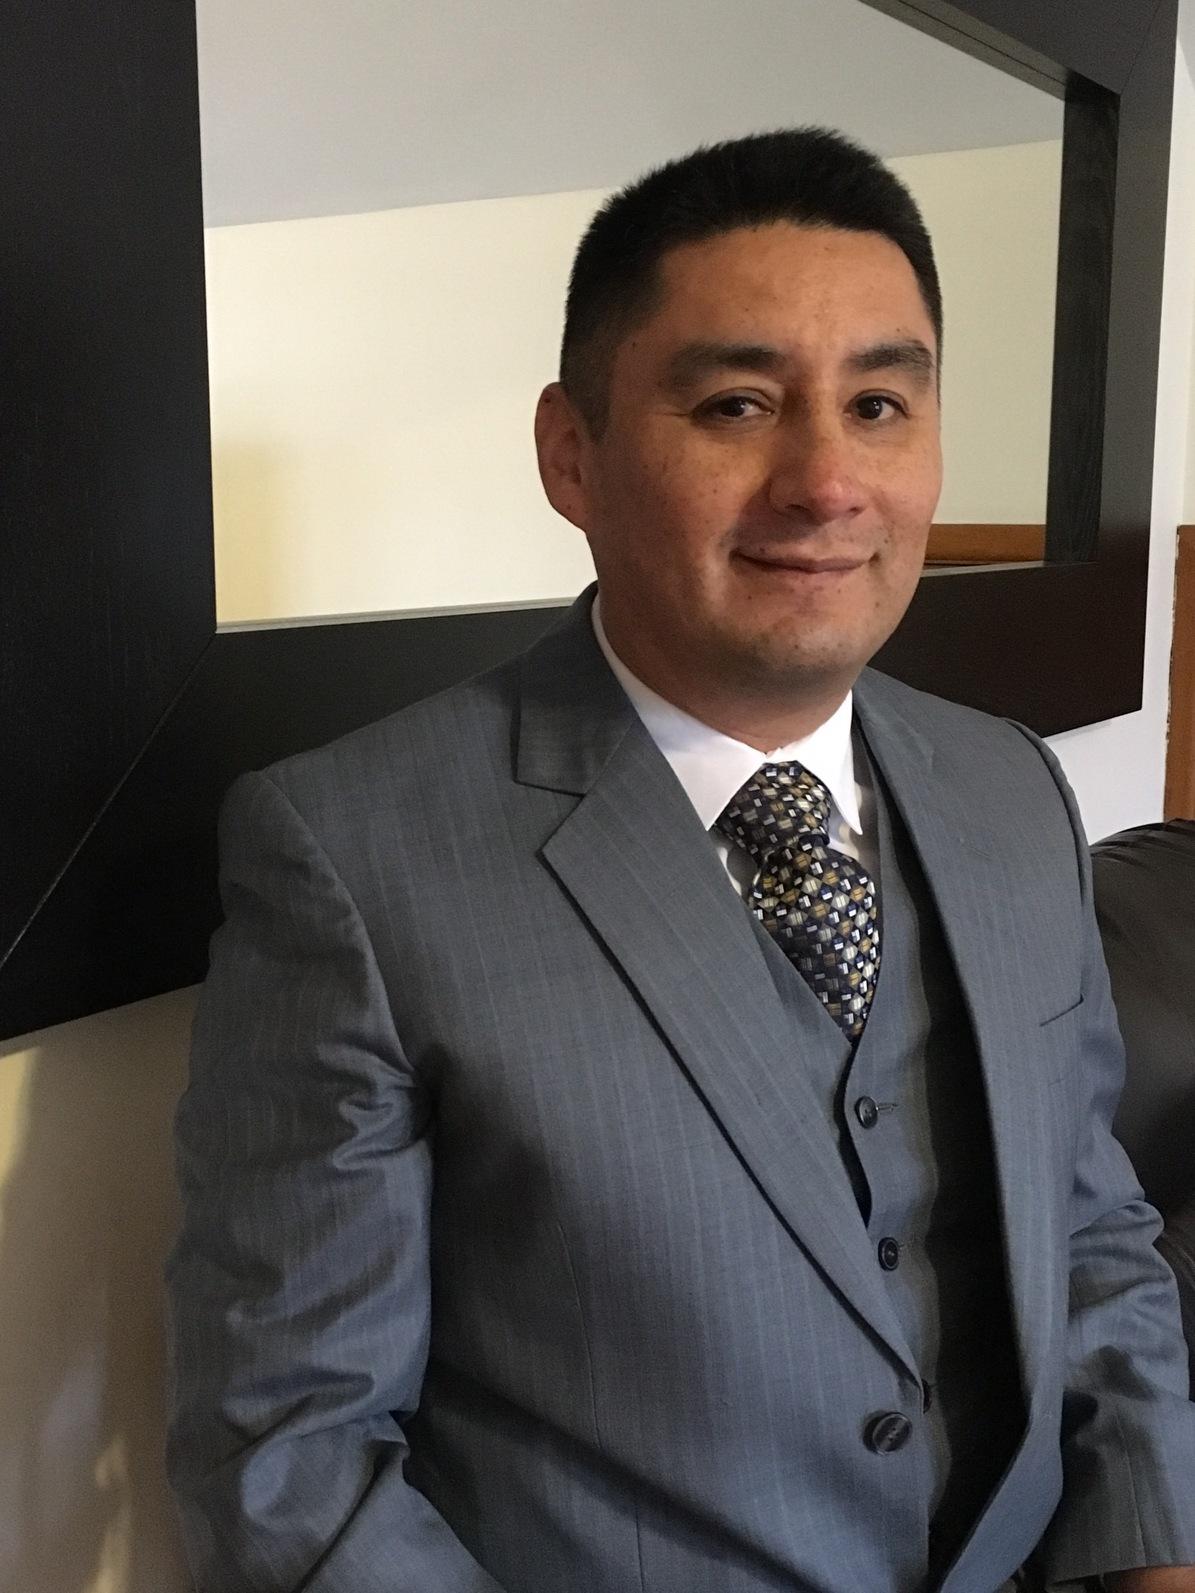 Dr. Raphael Figueroa